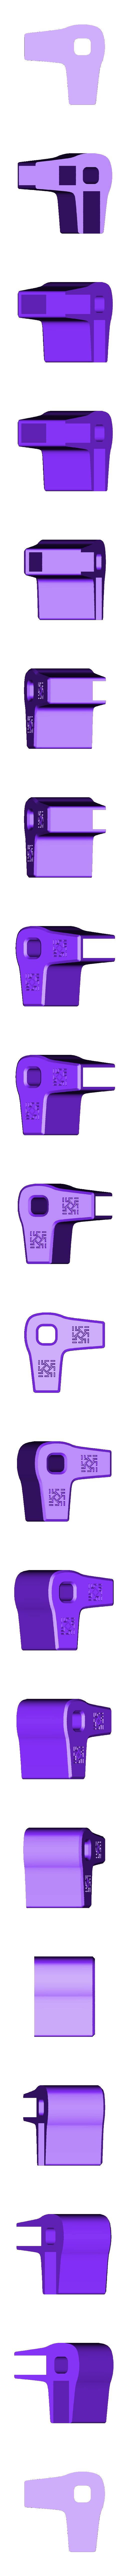 Shelv___L__.stl Télécharger fichier STL gratuit Zavr - Système d'étagères modulaires pour les filles courageuses • Objet pour impression 3D, shumeyko